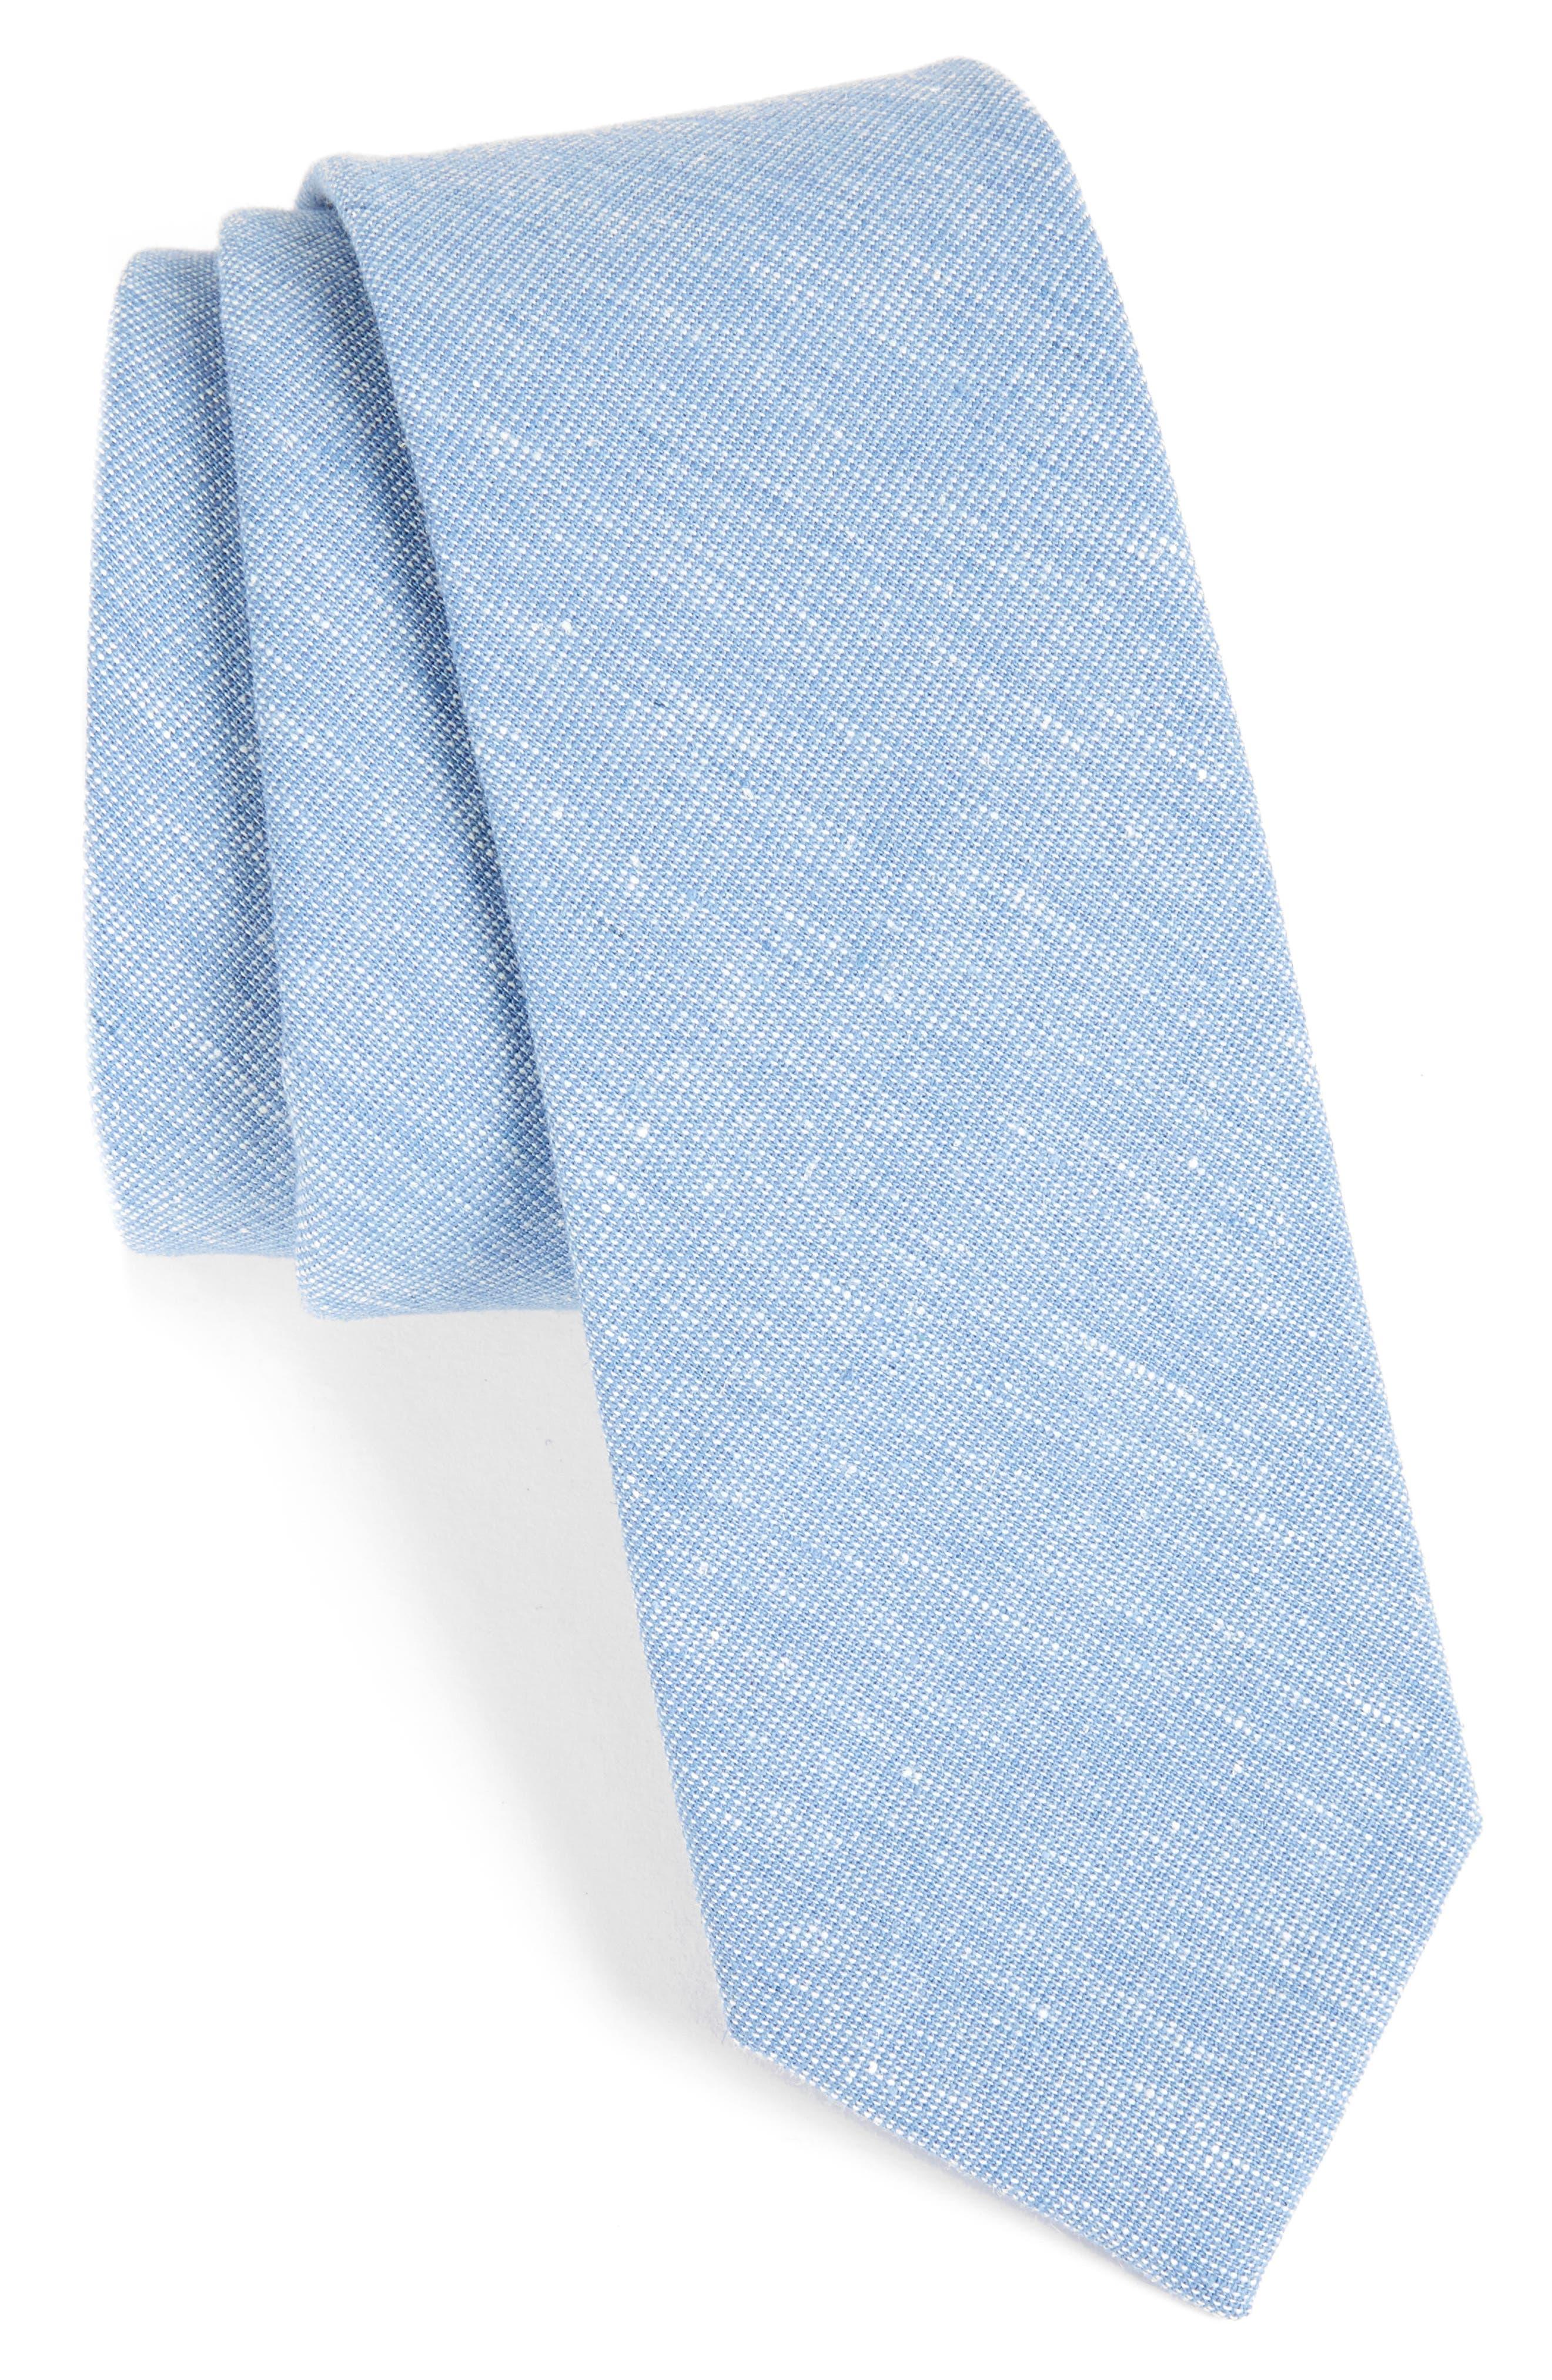 Solid Cotton Blend Tie,                         Main,                         color, Blue